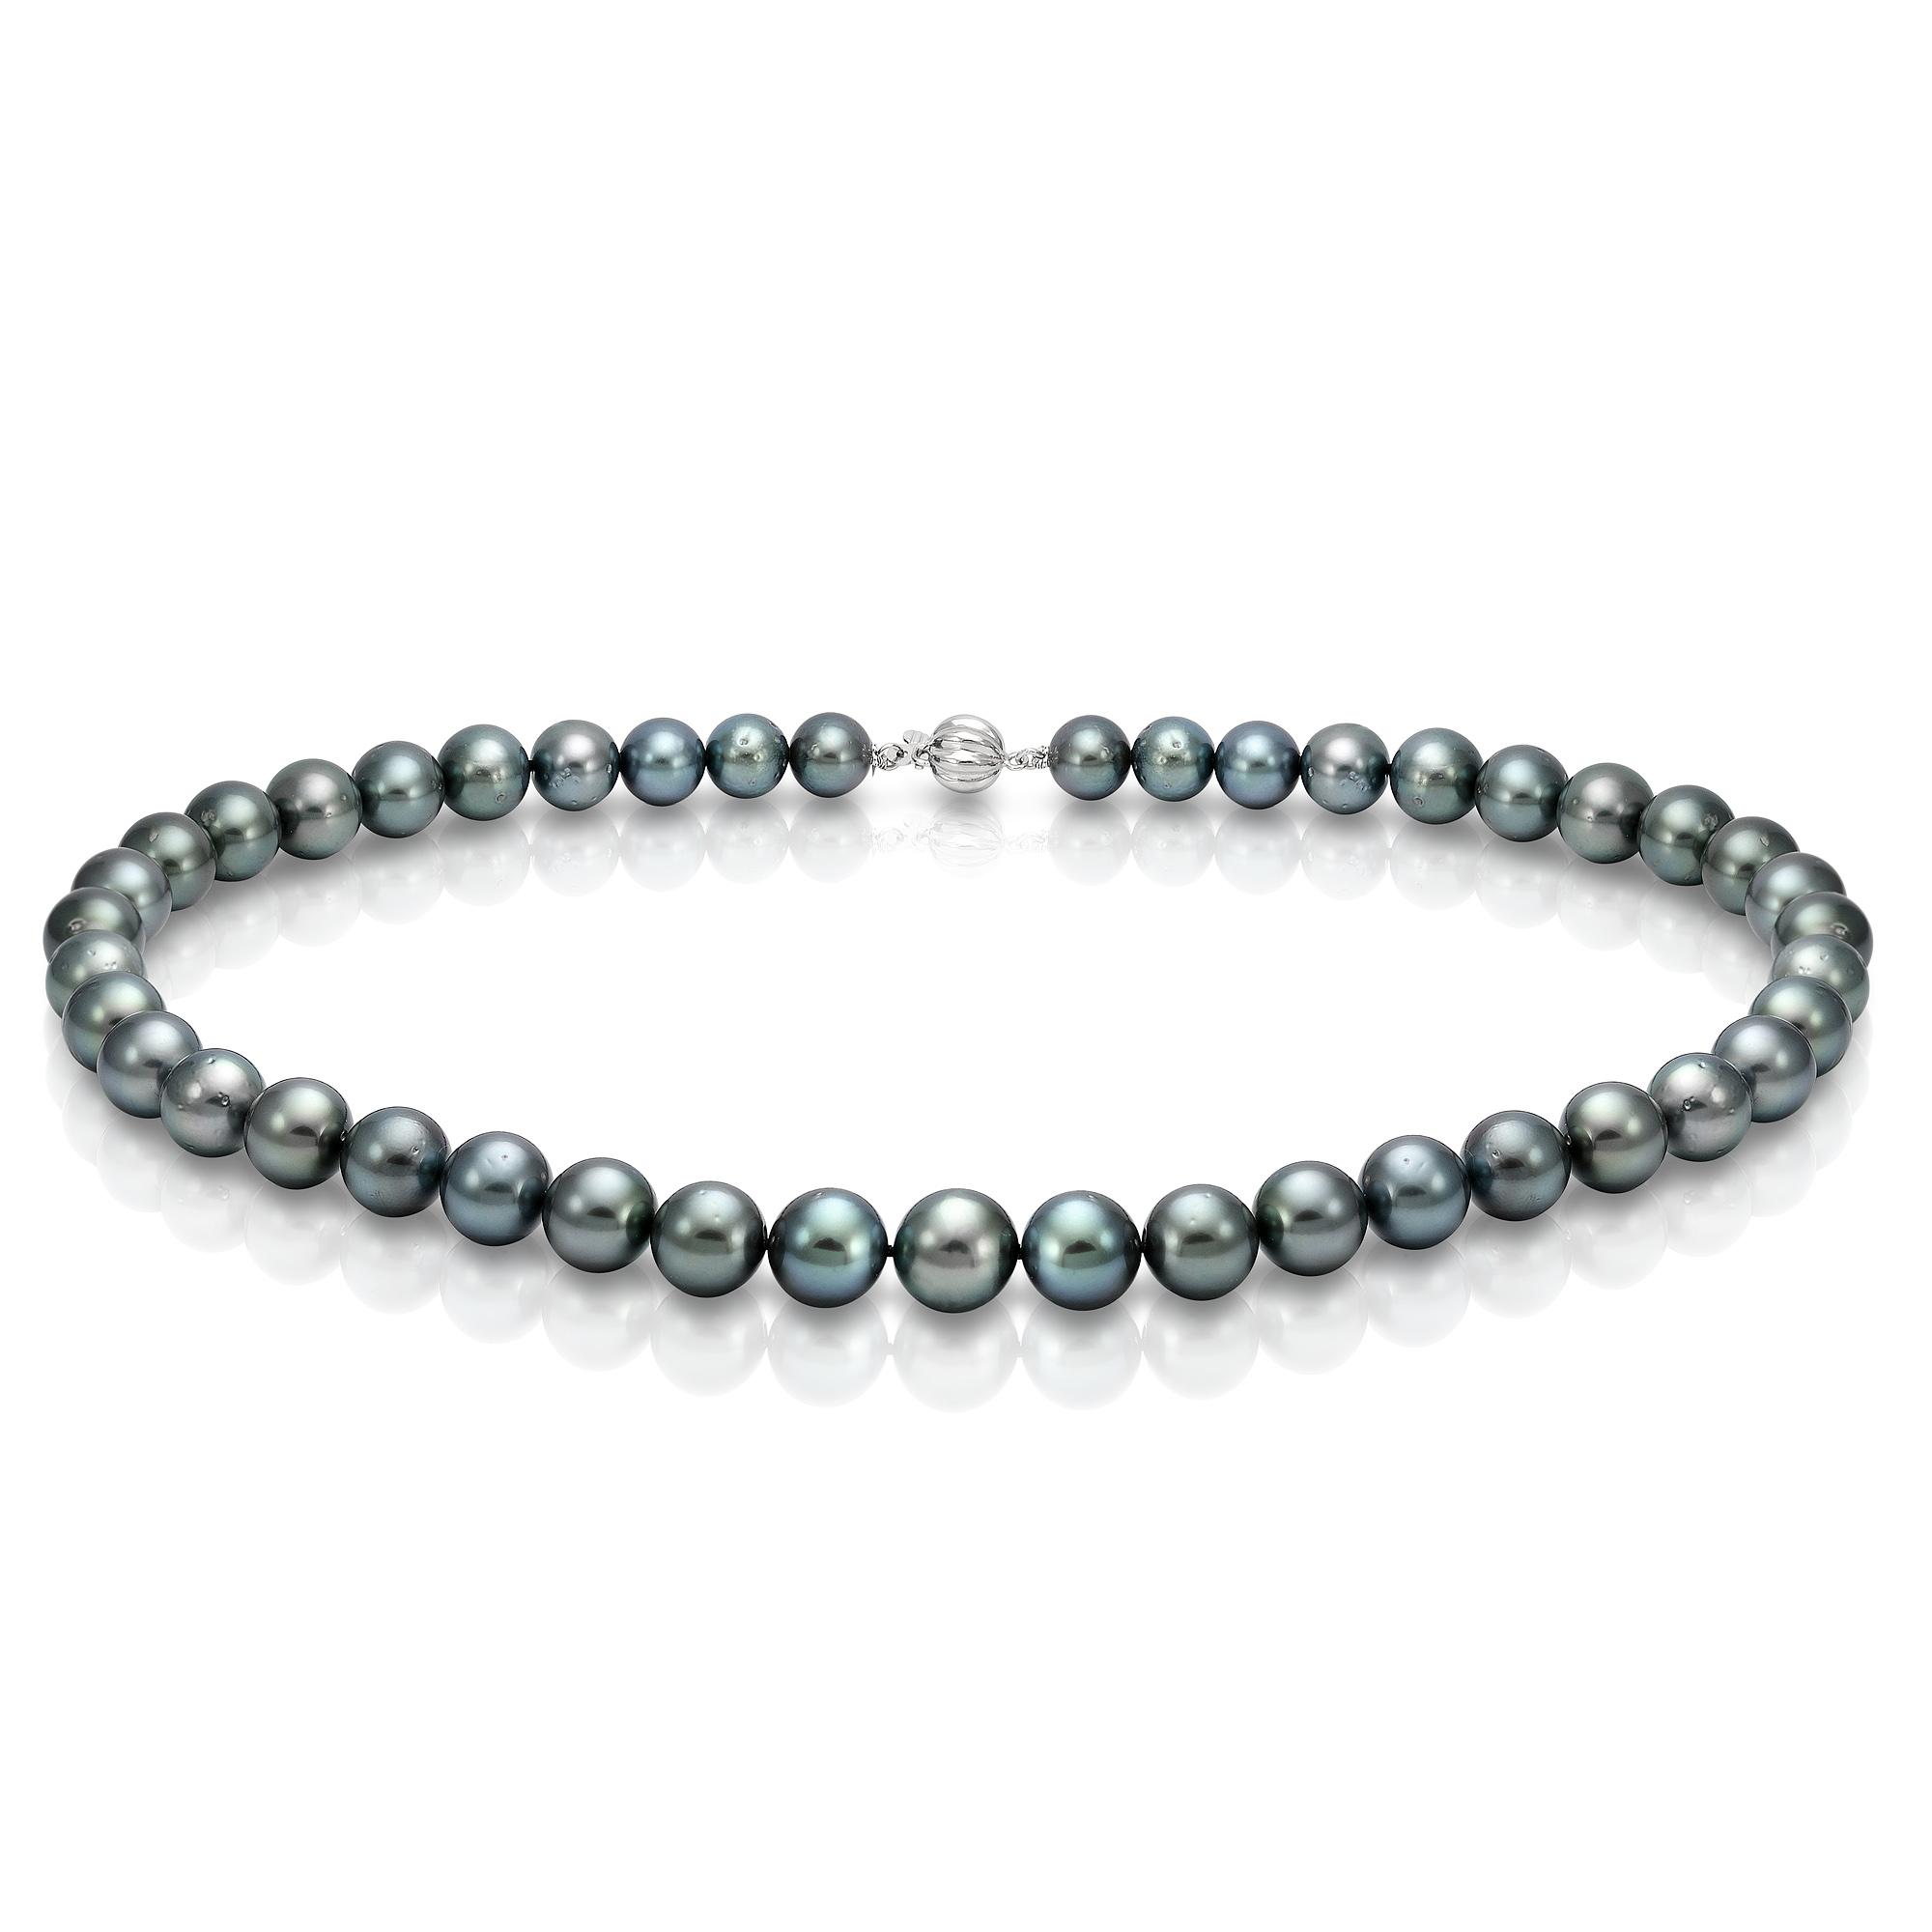 Ожерелье из черного круглого морского жемчуга Акойя (Япония). Жемчужины 8,5-9 мм